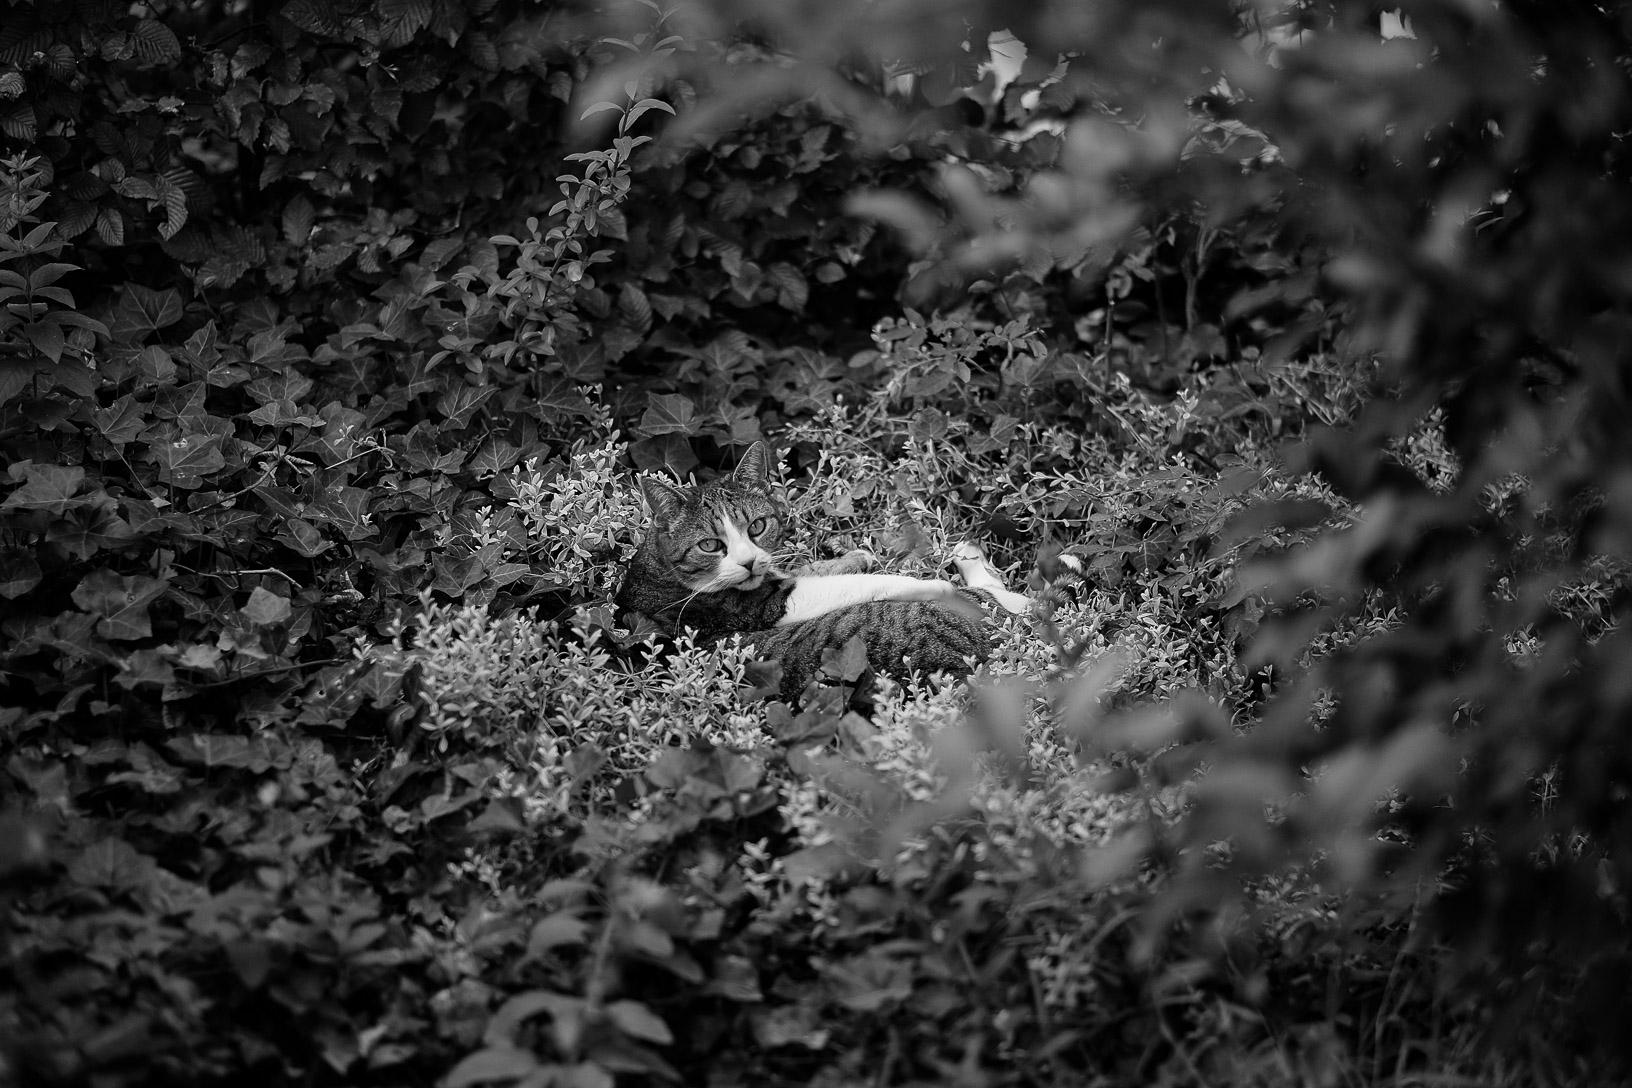 Dieses Bild wirkt nicht so gut in Schwarz-Weiß - (c) Darius Kupczak